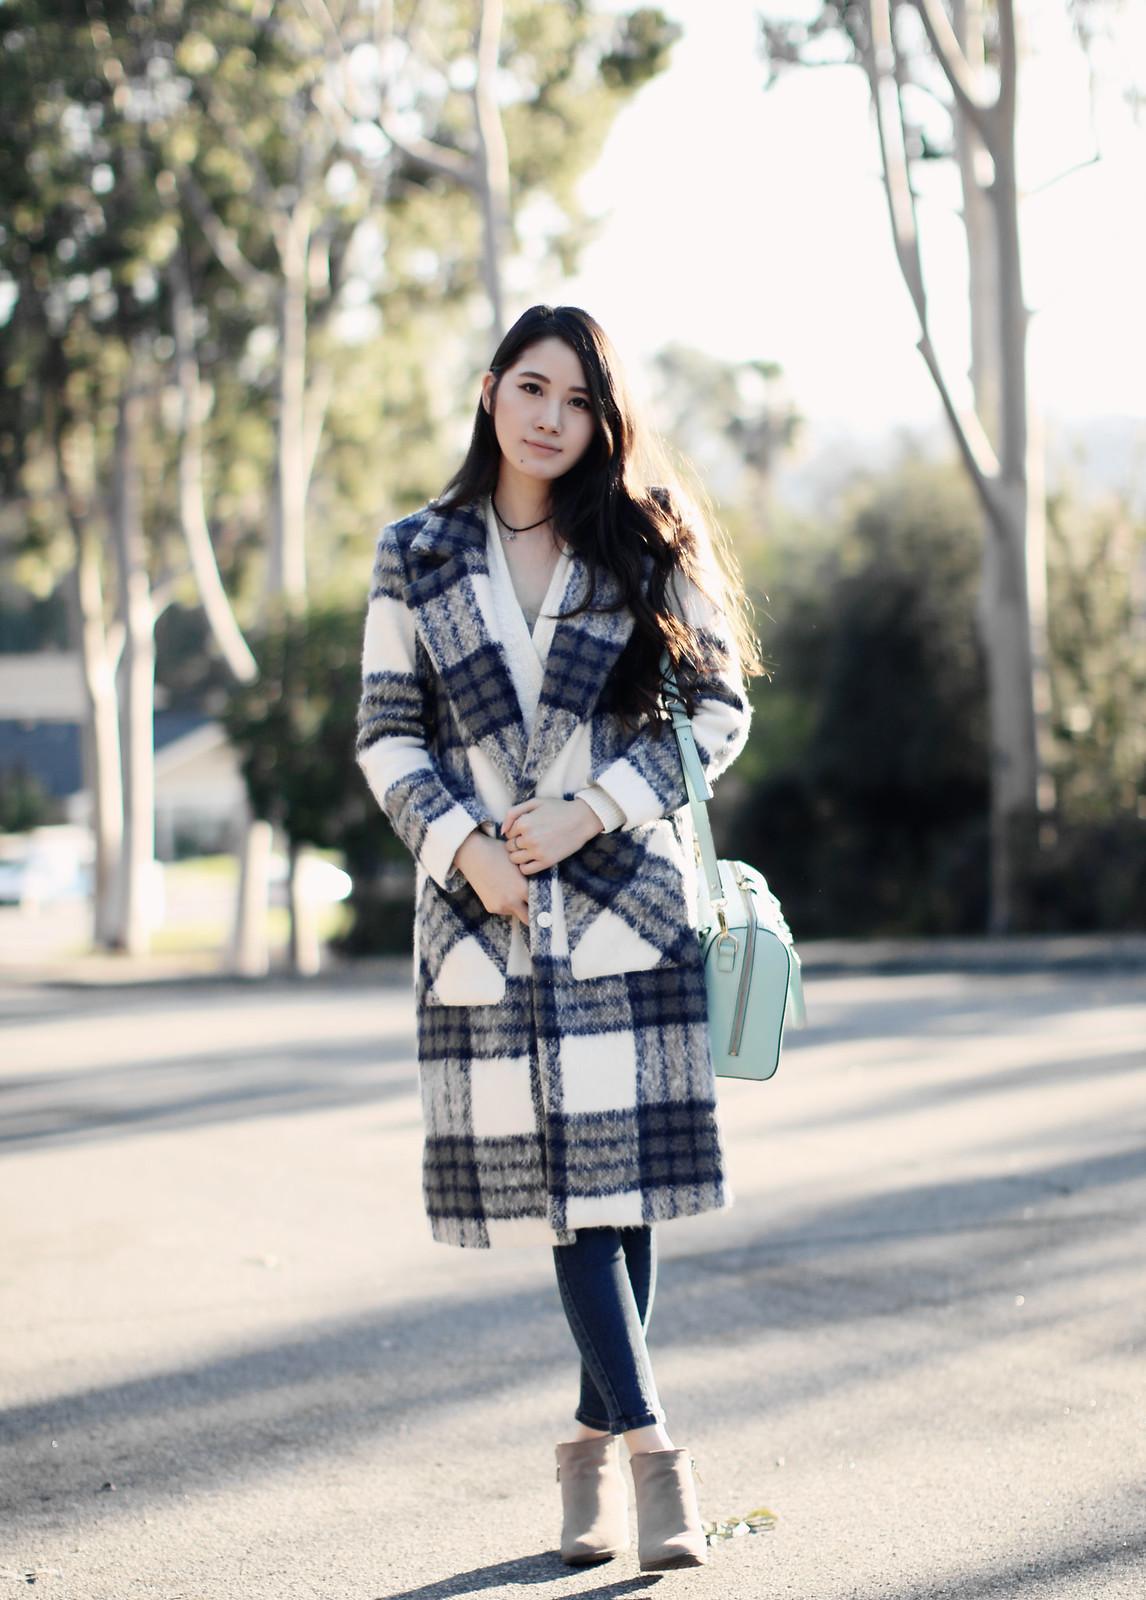 1487-ootd-fashion-blue-navy-forever21-coat-winterfashion-koreanfashion-ulzzangfashion-longlinecoat-clothestoyouuu-elizabeeetht